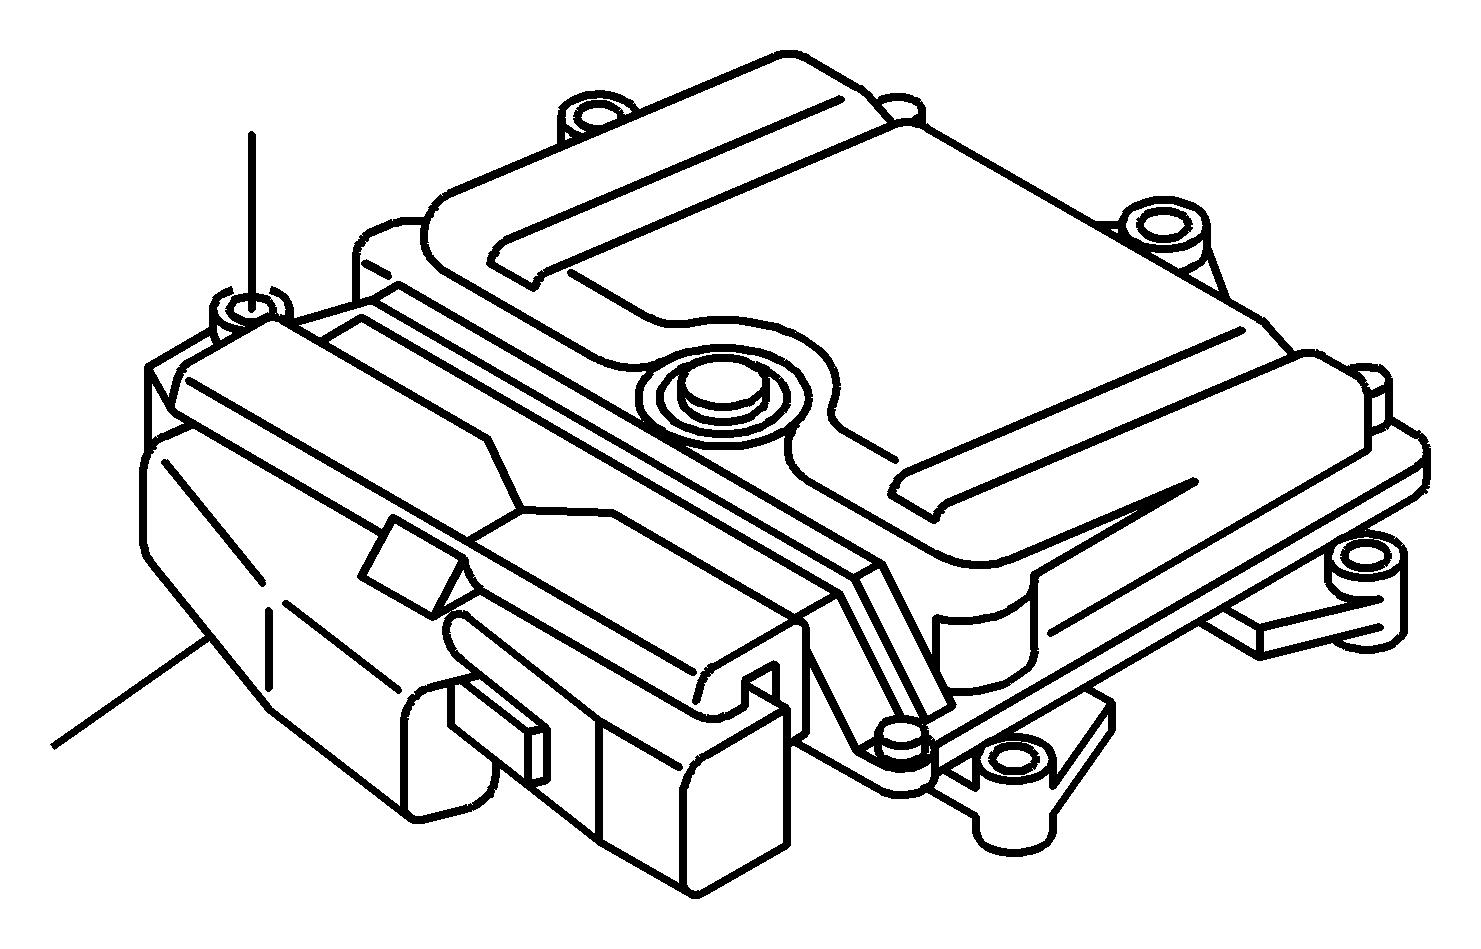 Isuzu Nqr Control Unit Engine Electrical